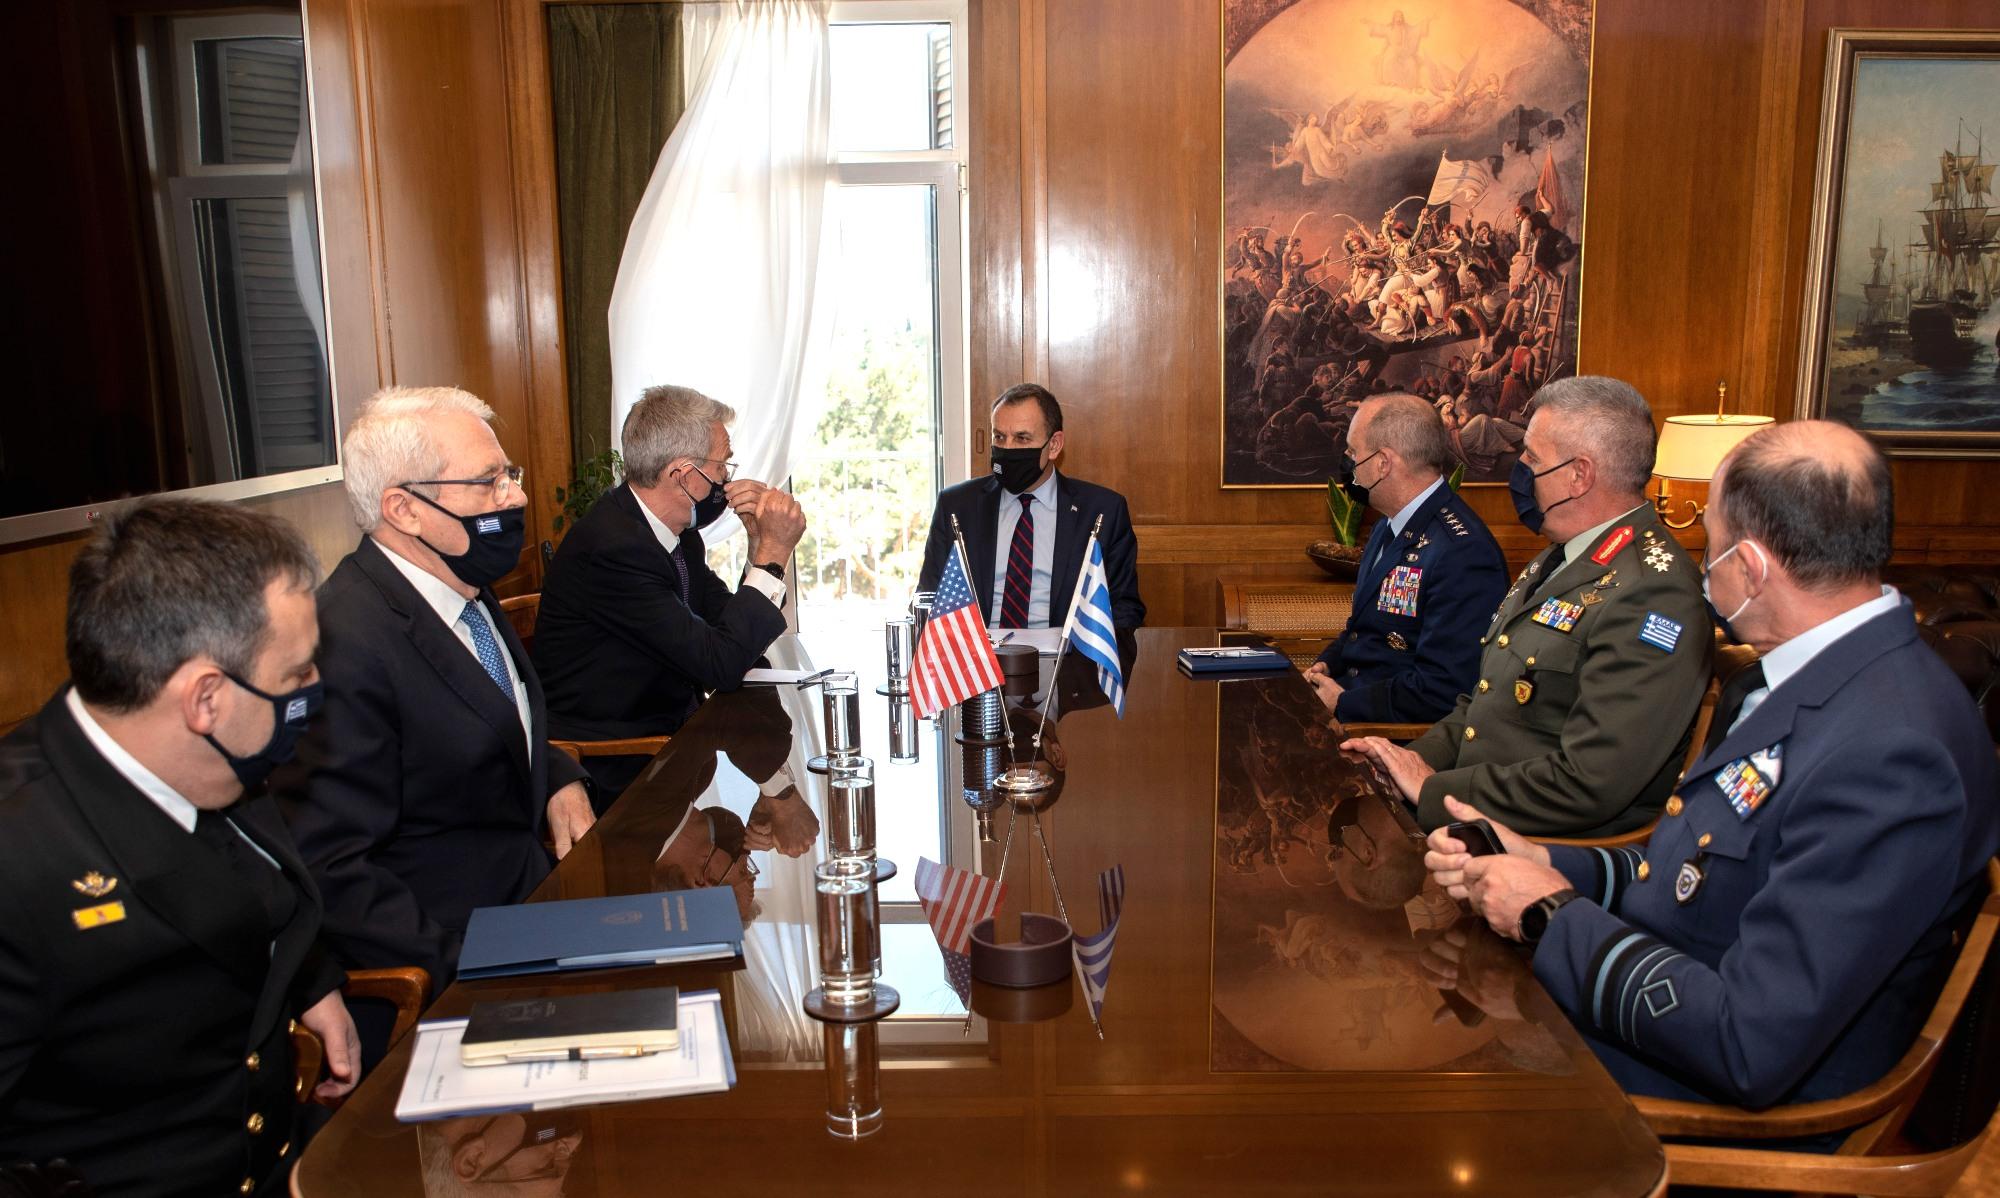 Σημαντικό τετ-α-τετ Παναγιωτόπουλου και Πάιατ με ατζέντα την αμυντική συμφωνία Ελλάδας – ΗΠΑ!